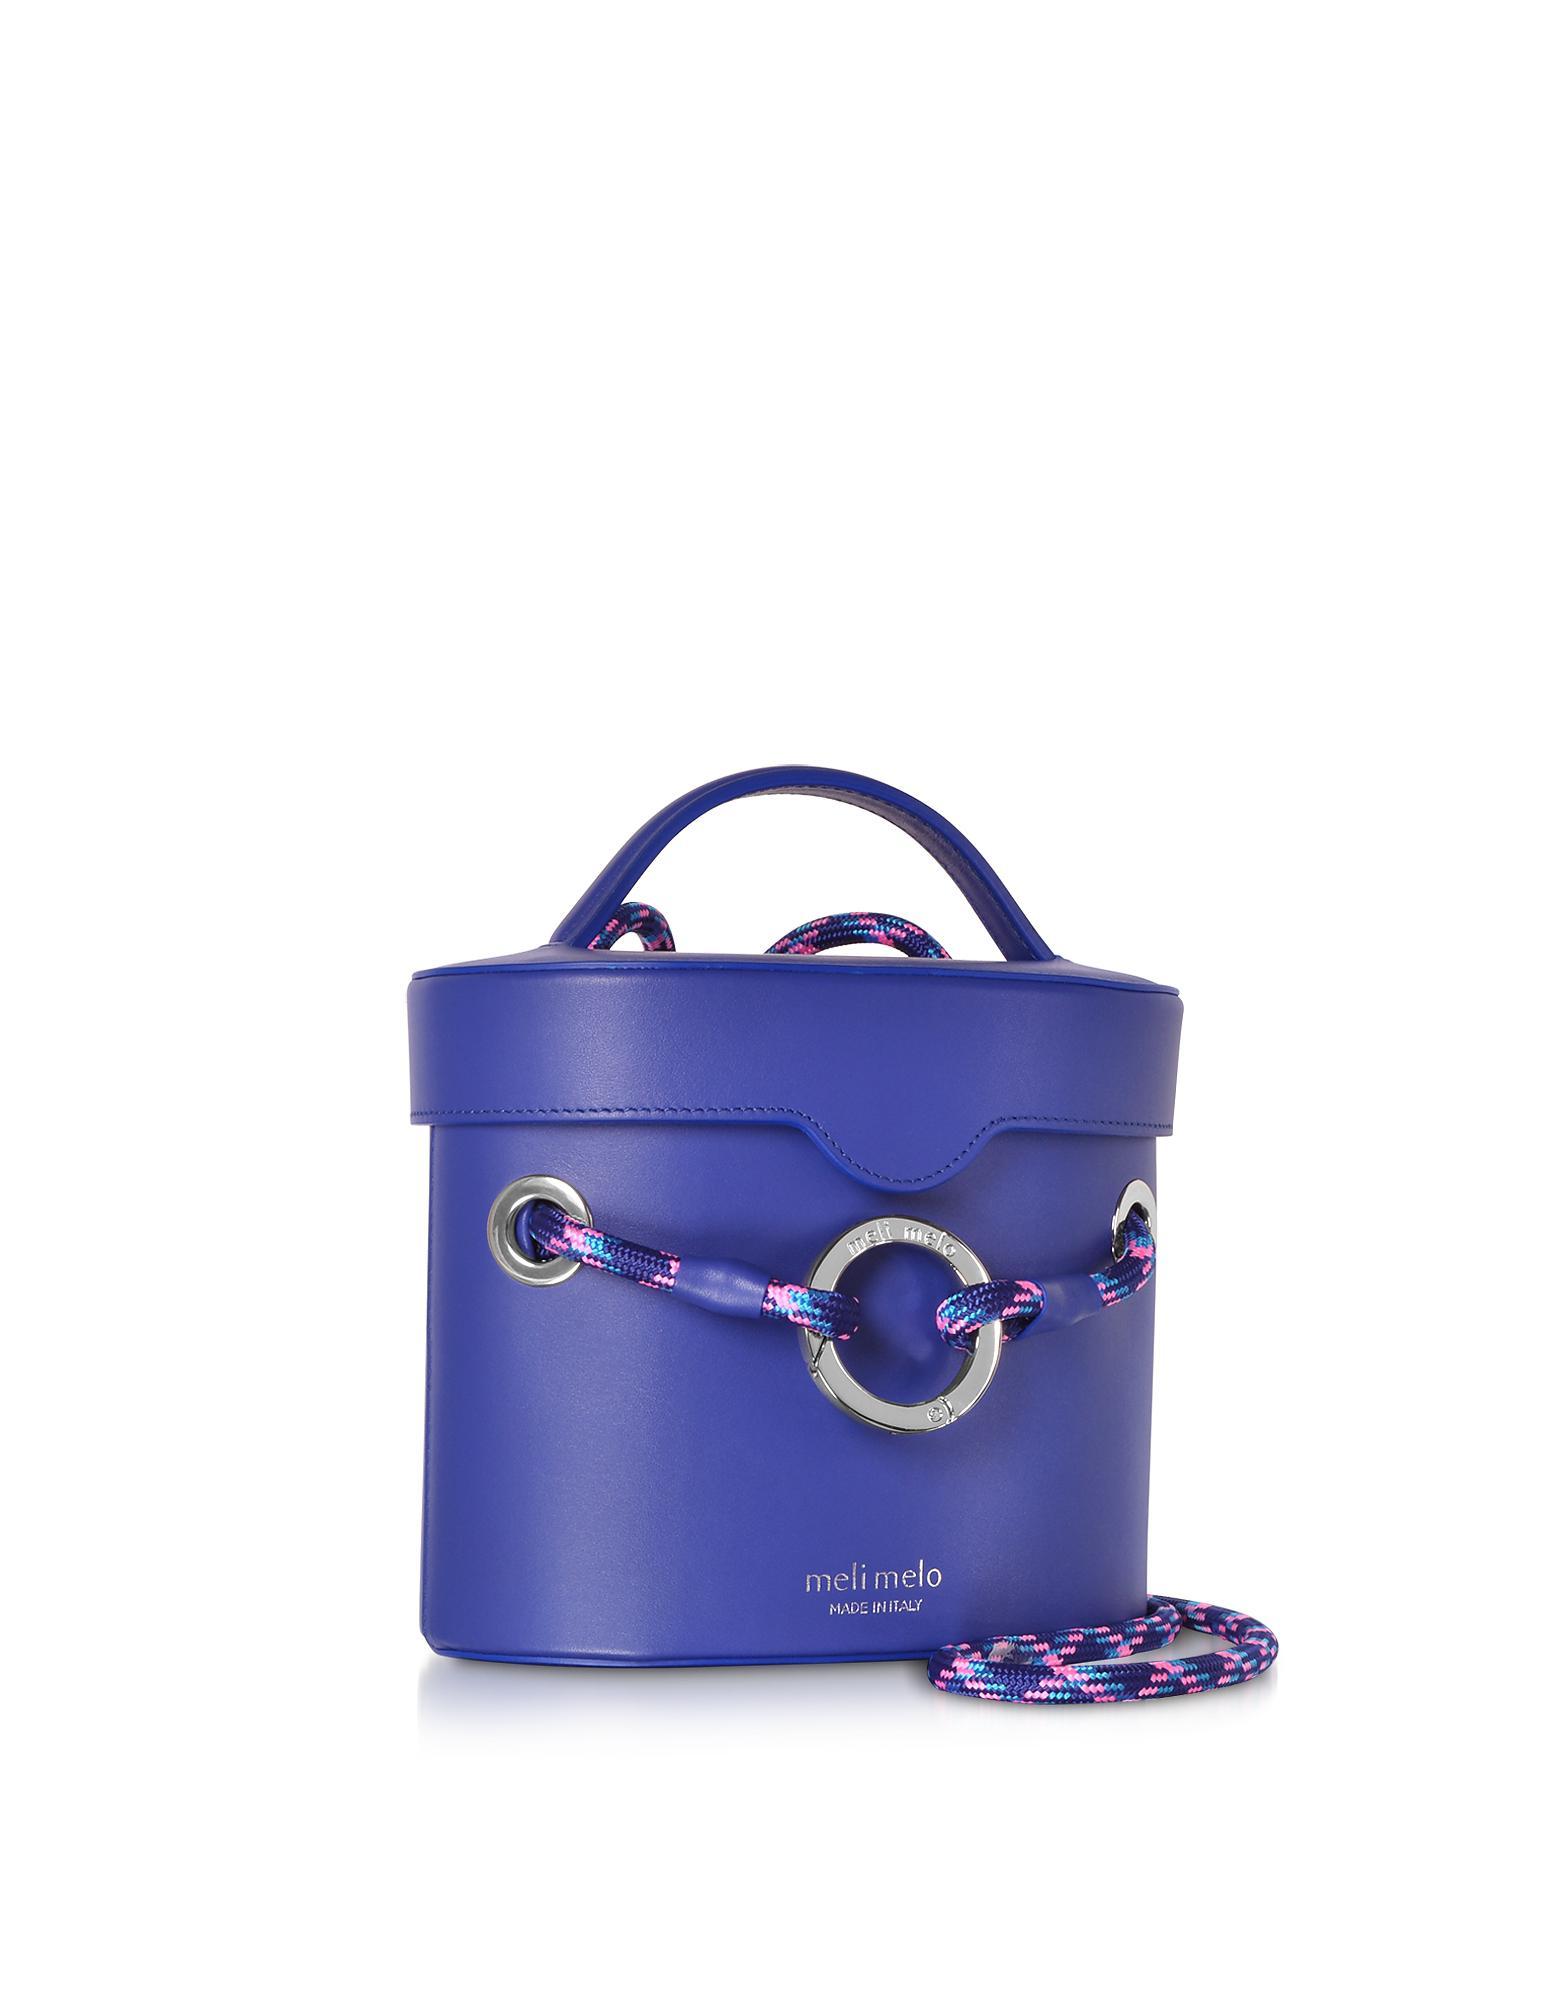 Lyst - Meli Melo Majorelle Blue Nancy Shoulder Bag in Blue 55ba88f65fea0